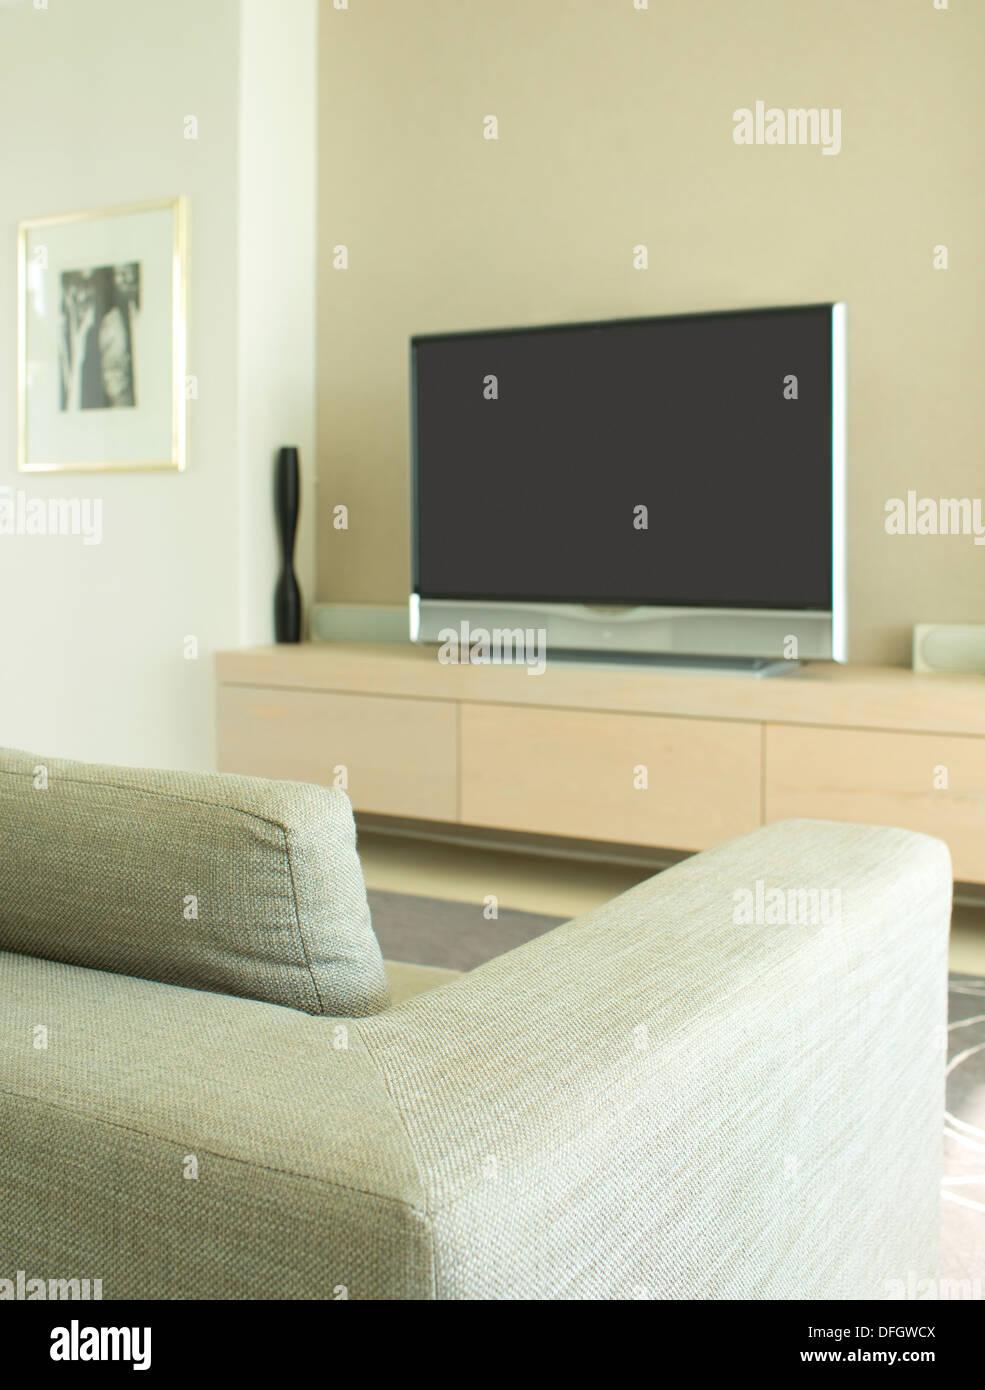 Sofa und Fernseher in modernen Wohnzimmern Stockfoto, Bild: 61222138 ...